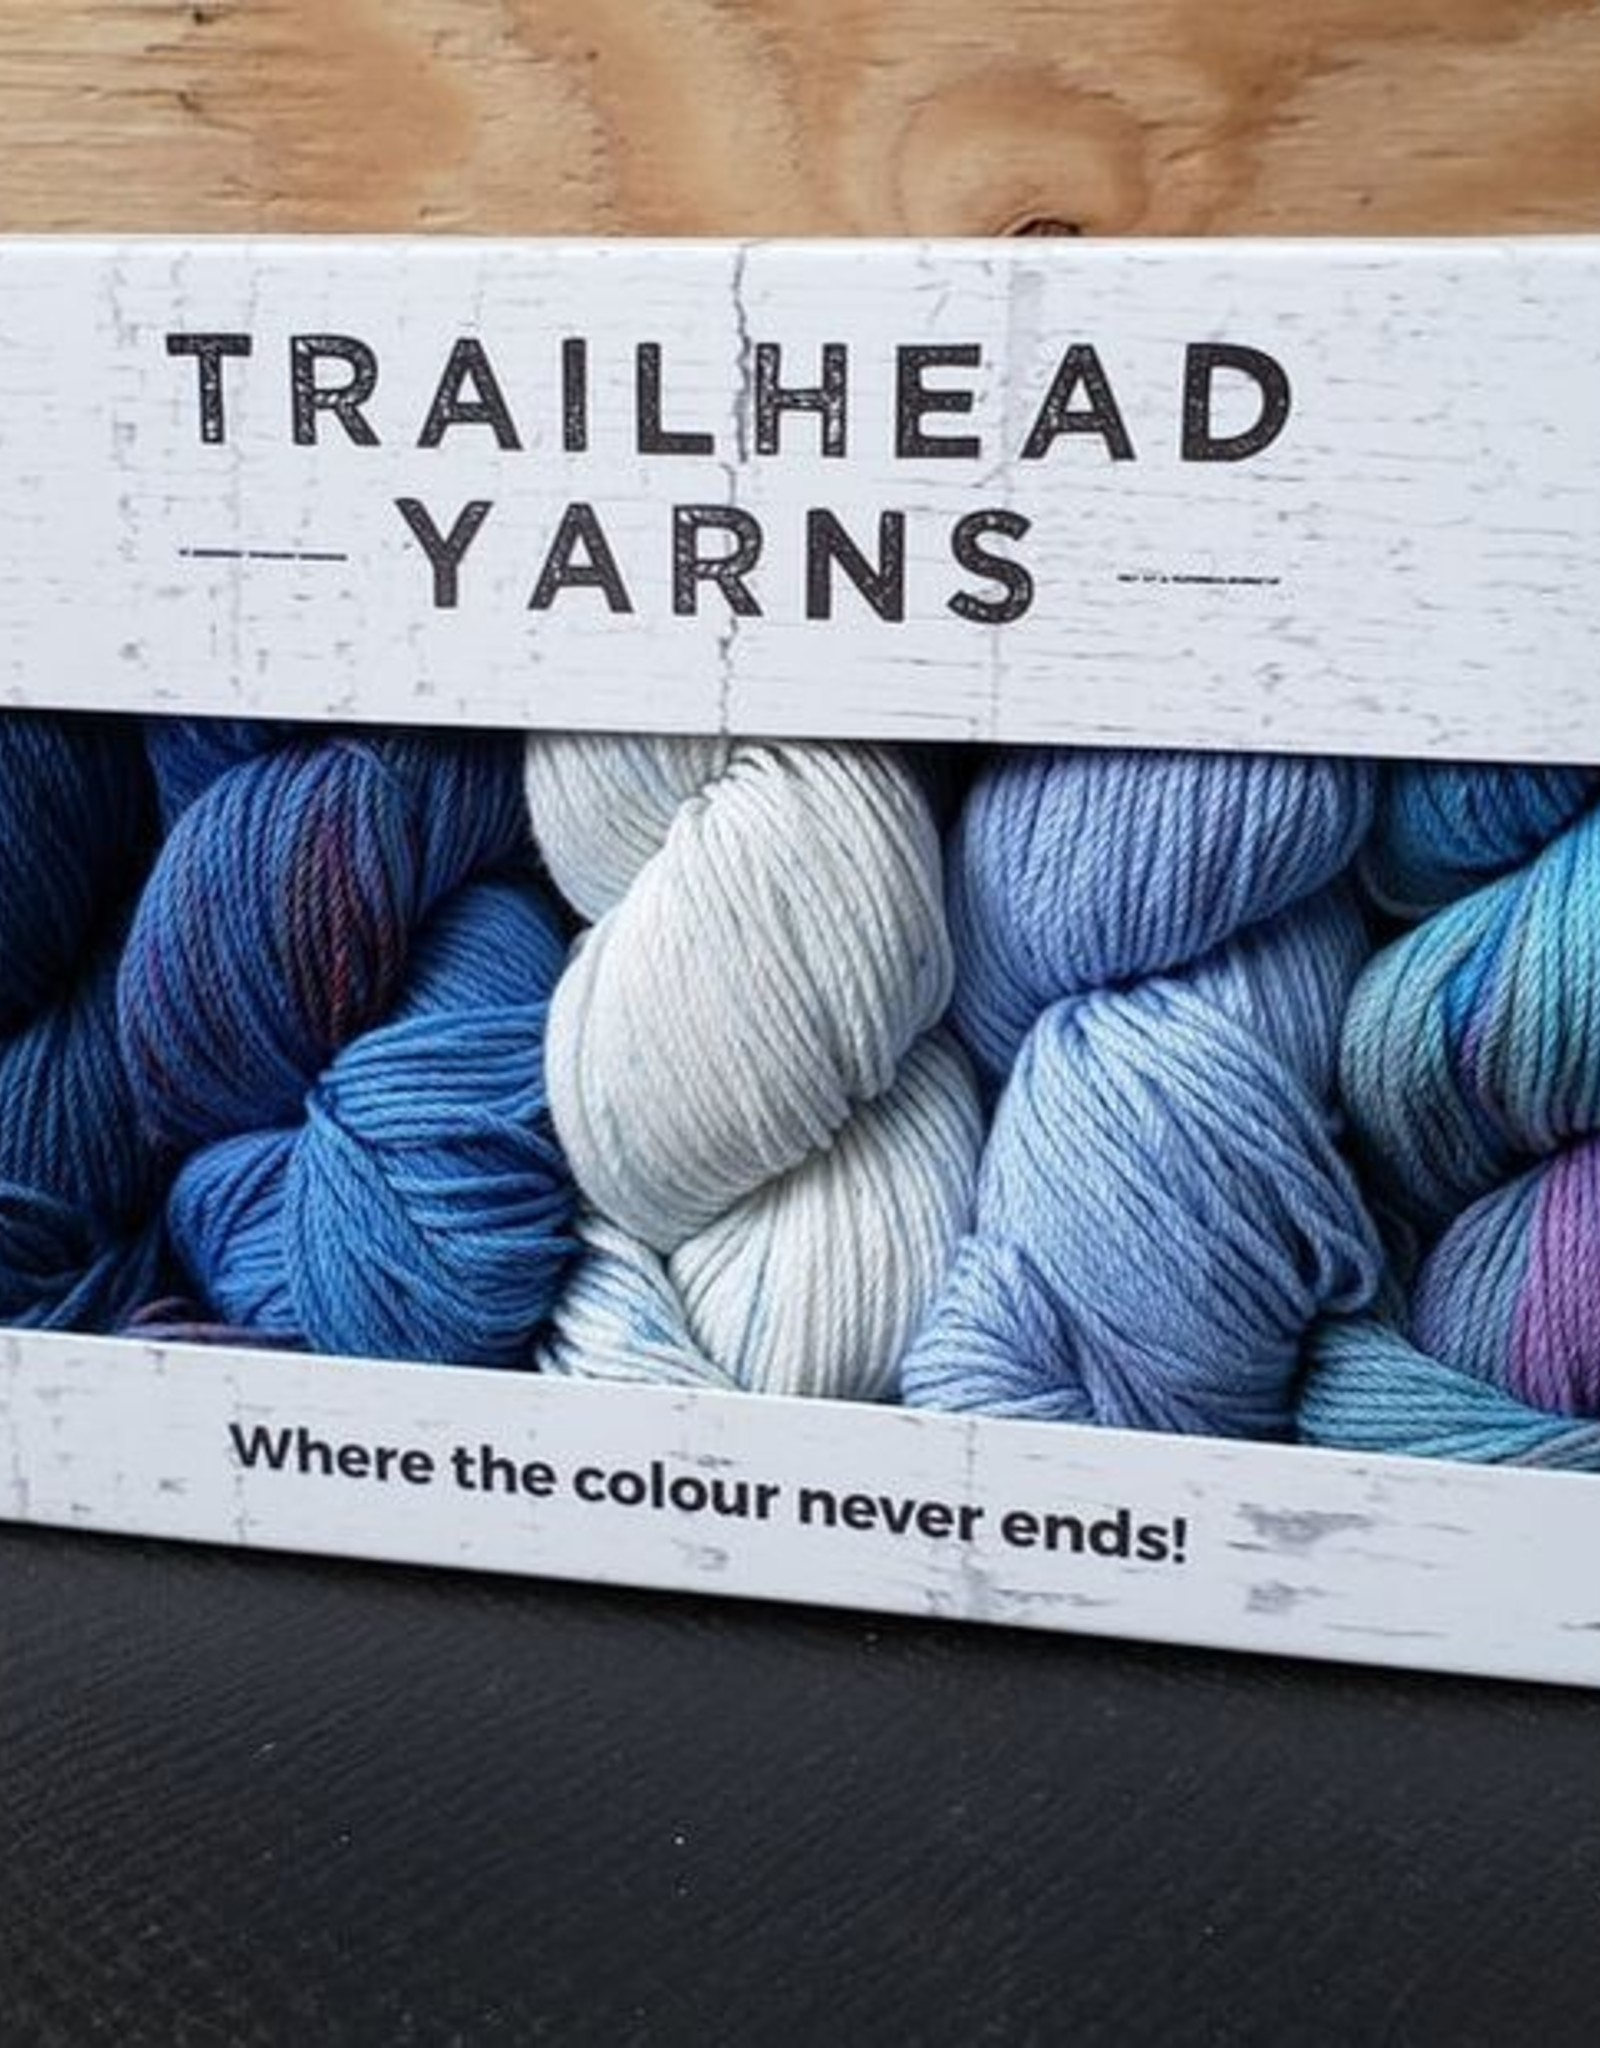 Trailhead Yarns Crews